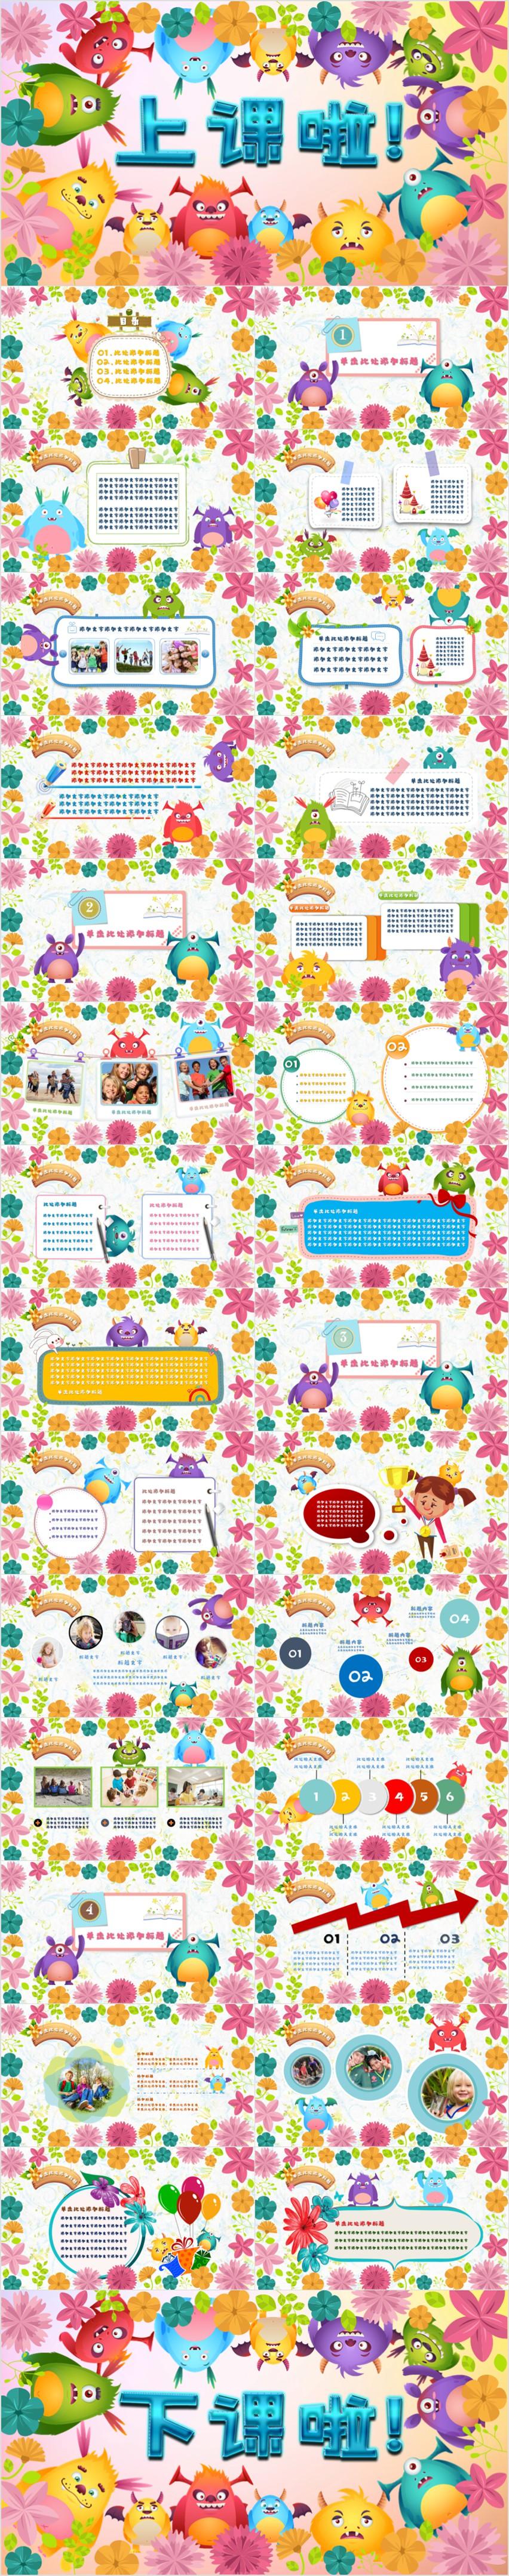 作品标签: 可爱卡通小怪物幼儿园教学幼儿园活动幼儿园课件 作品比例